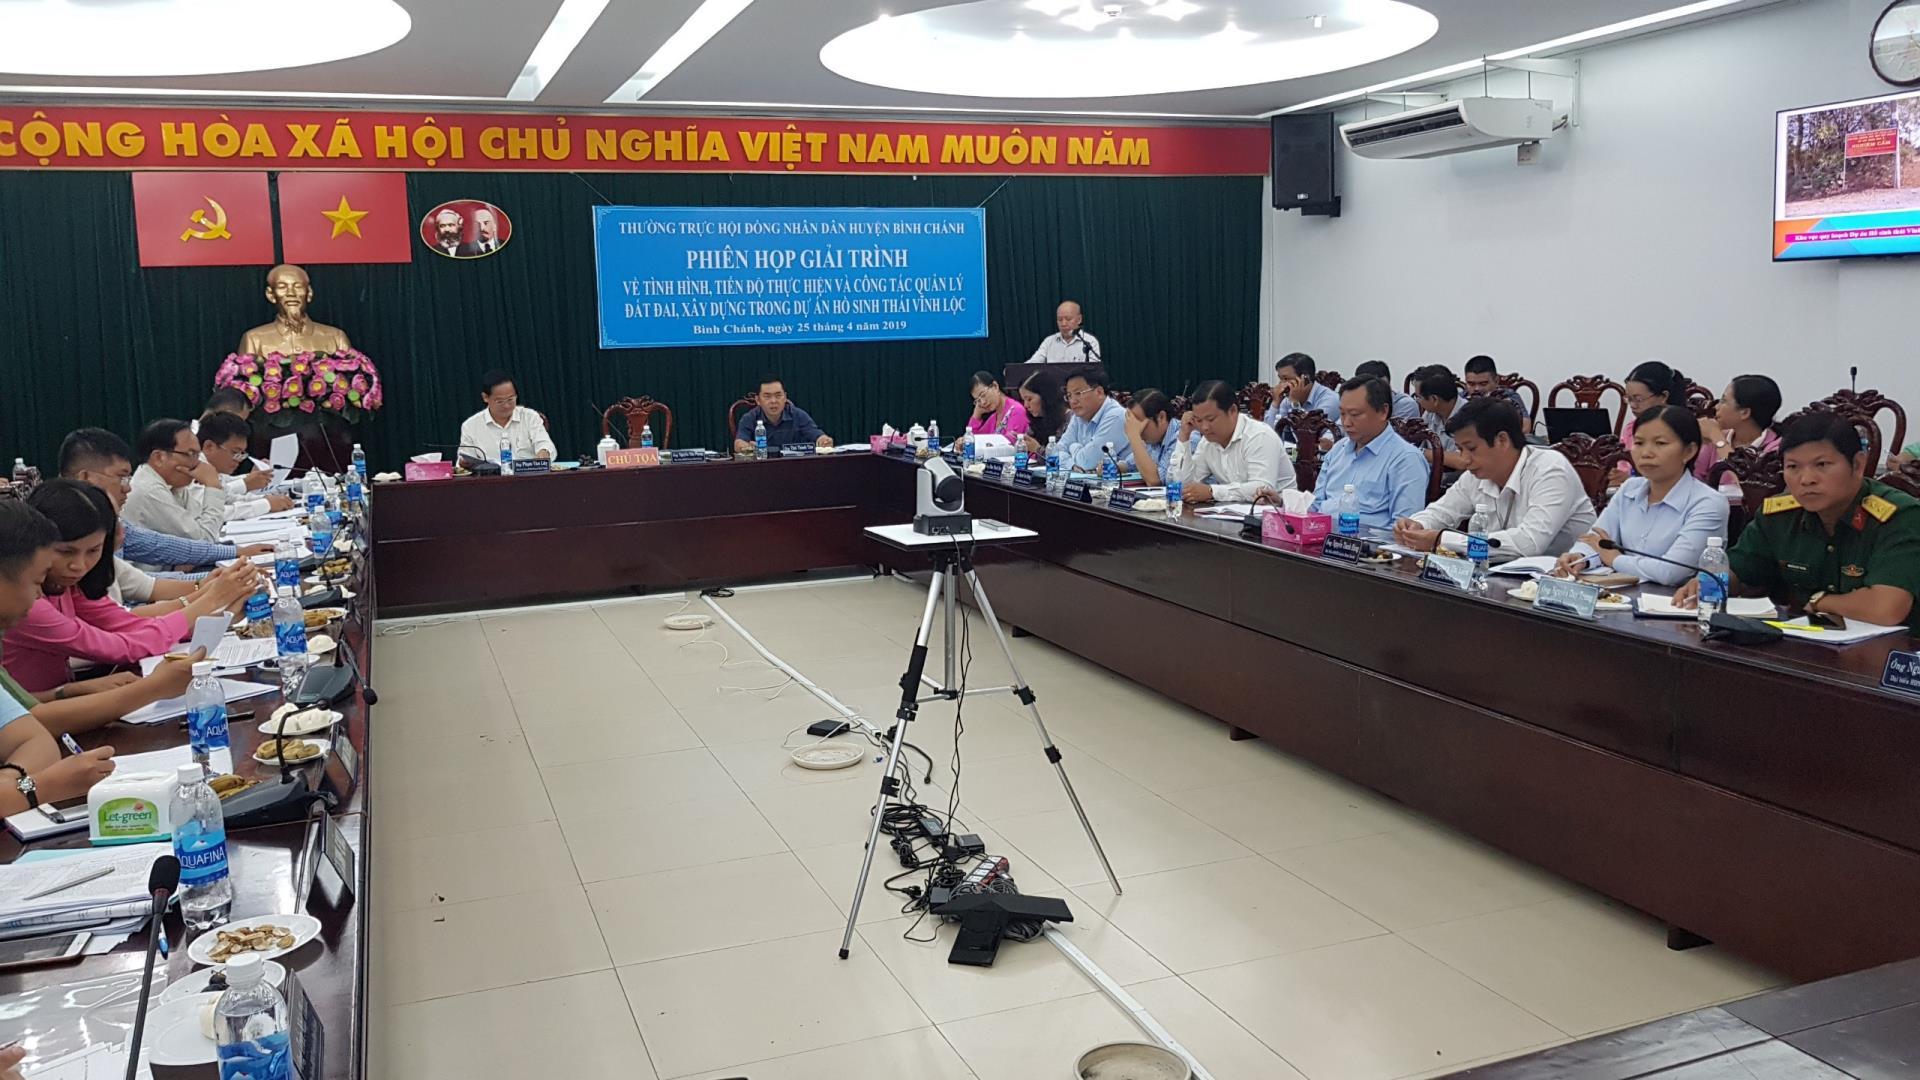 Tin tức dự án hồ sinh thái Vĩnh Lộc| congtyinbaobigiay.com